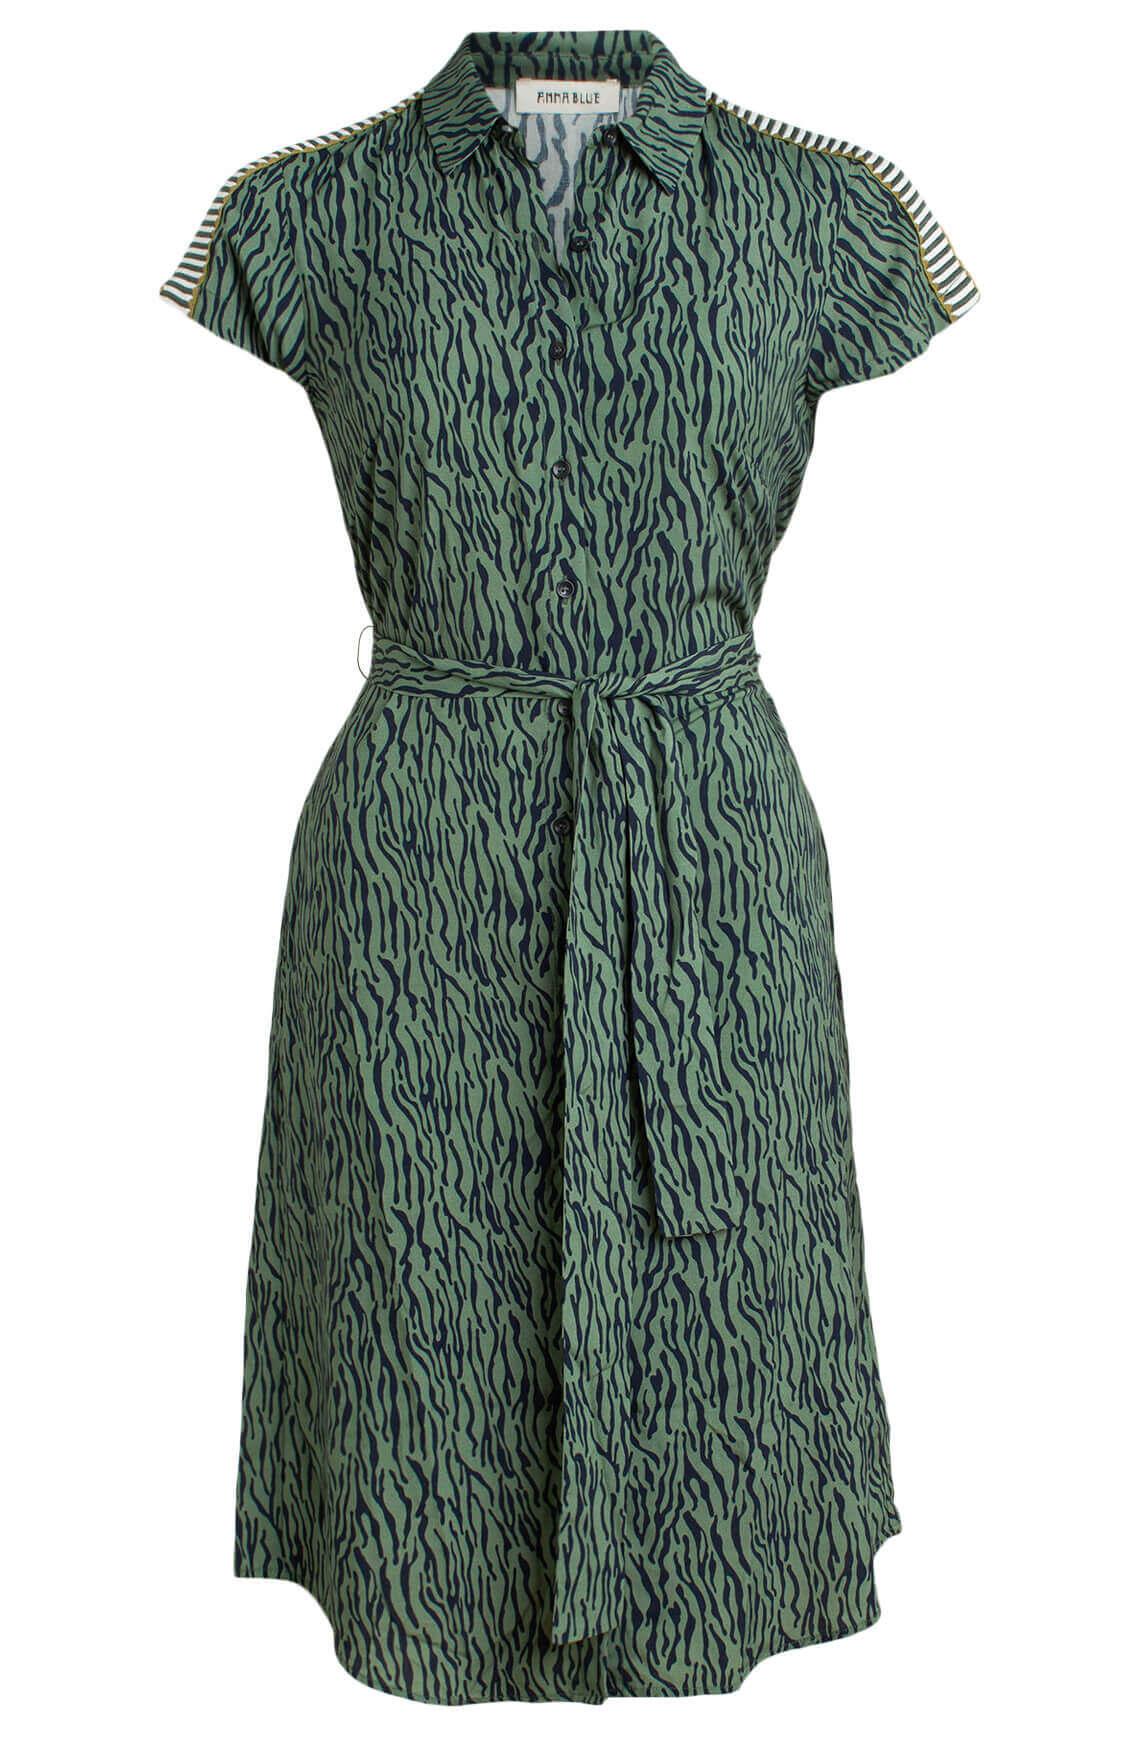 Anna Blue Dames Jurk met zebraprint groen